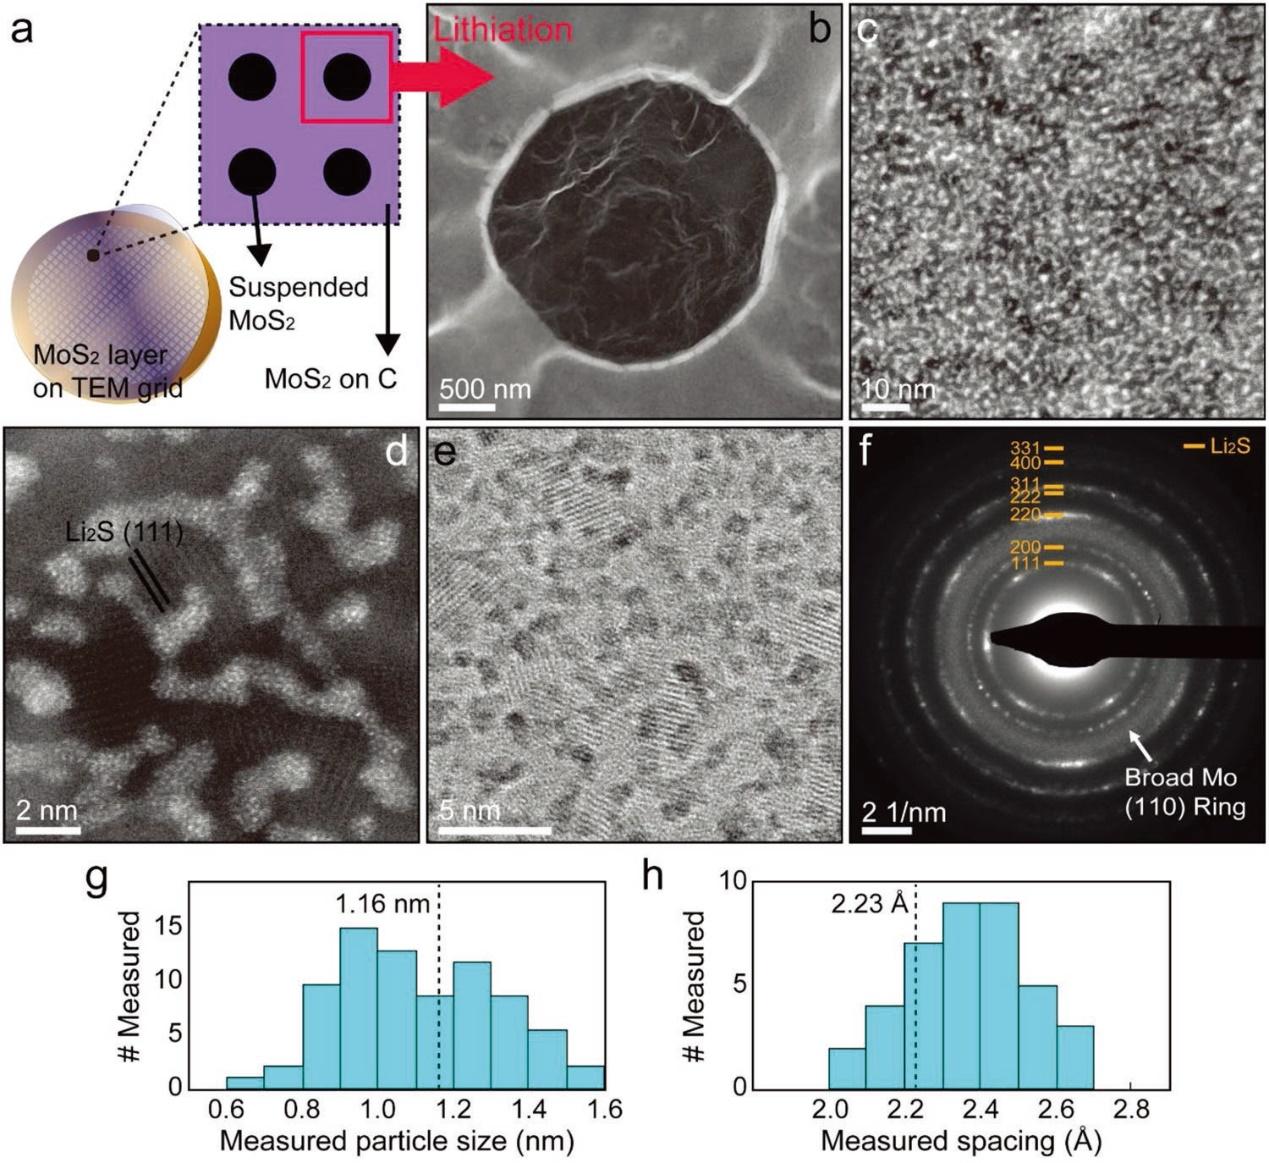 冷冻电镜研究单层MoS2的电化学锂化过程